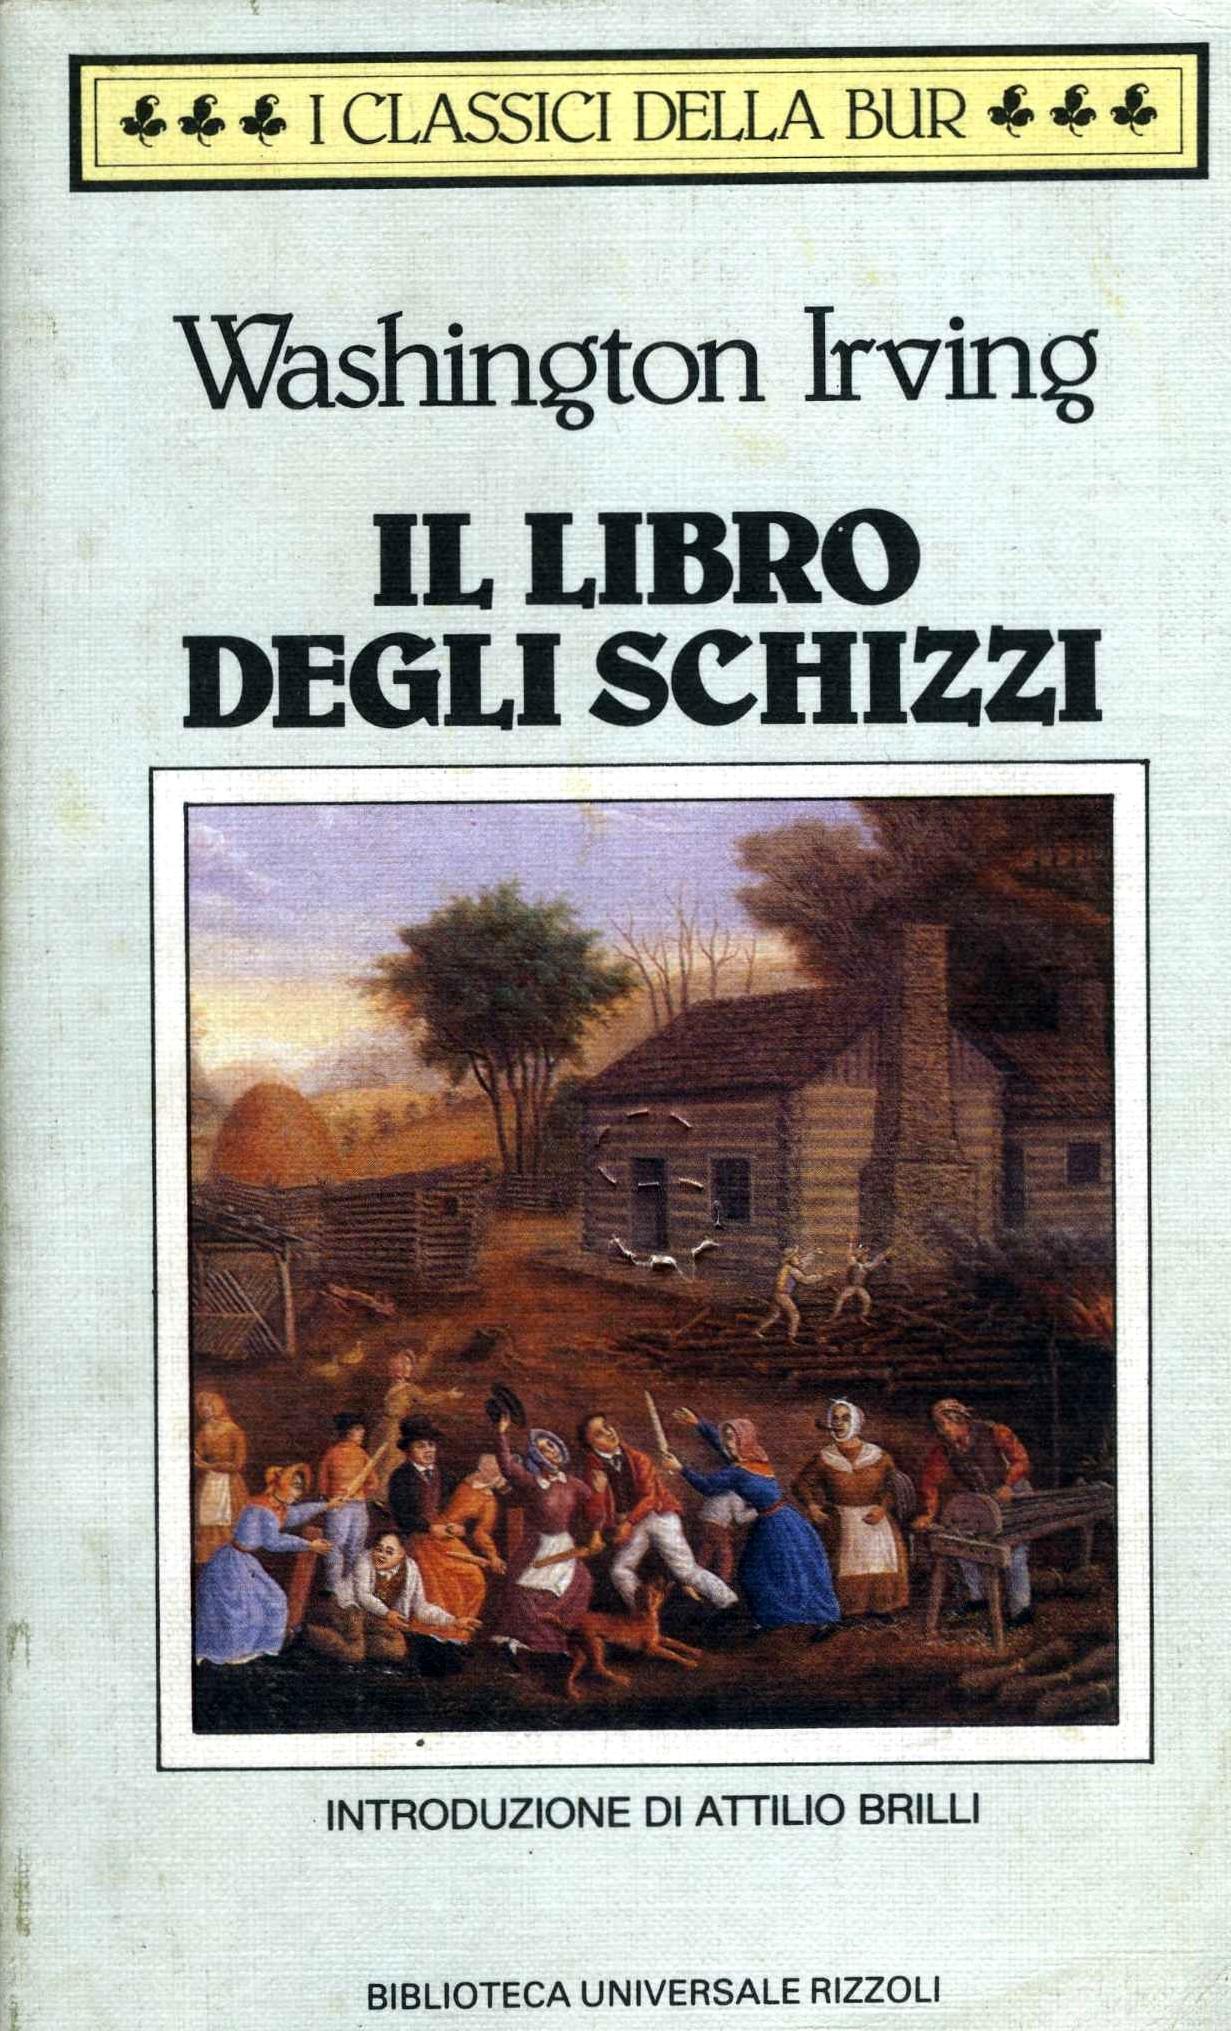 Il libro degli schizzi